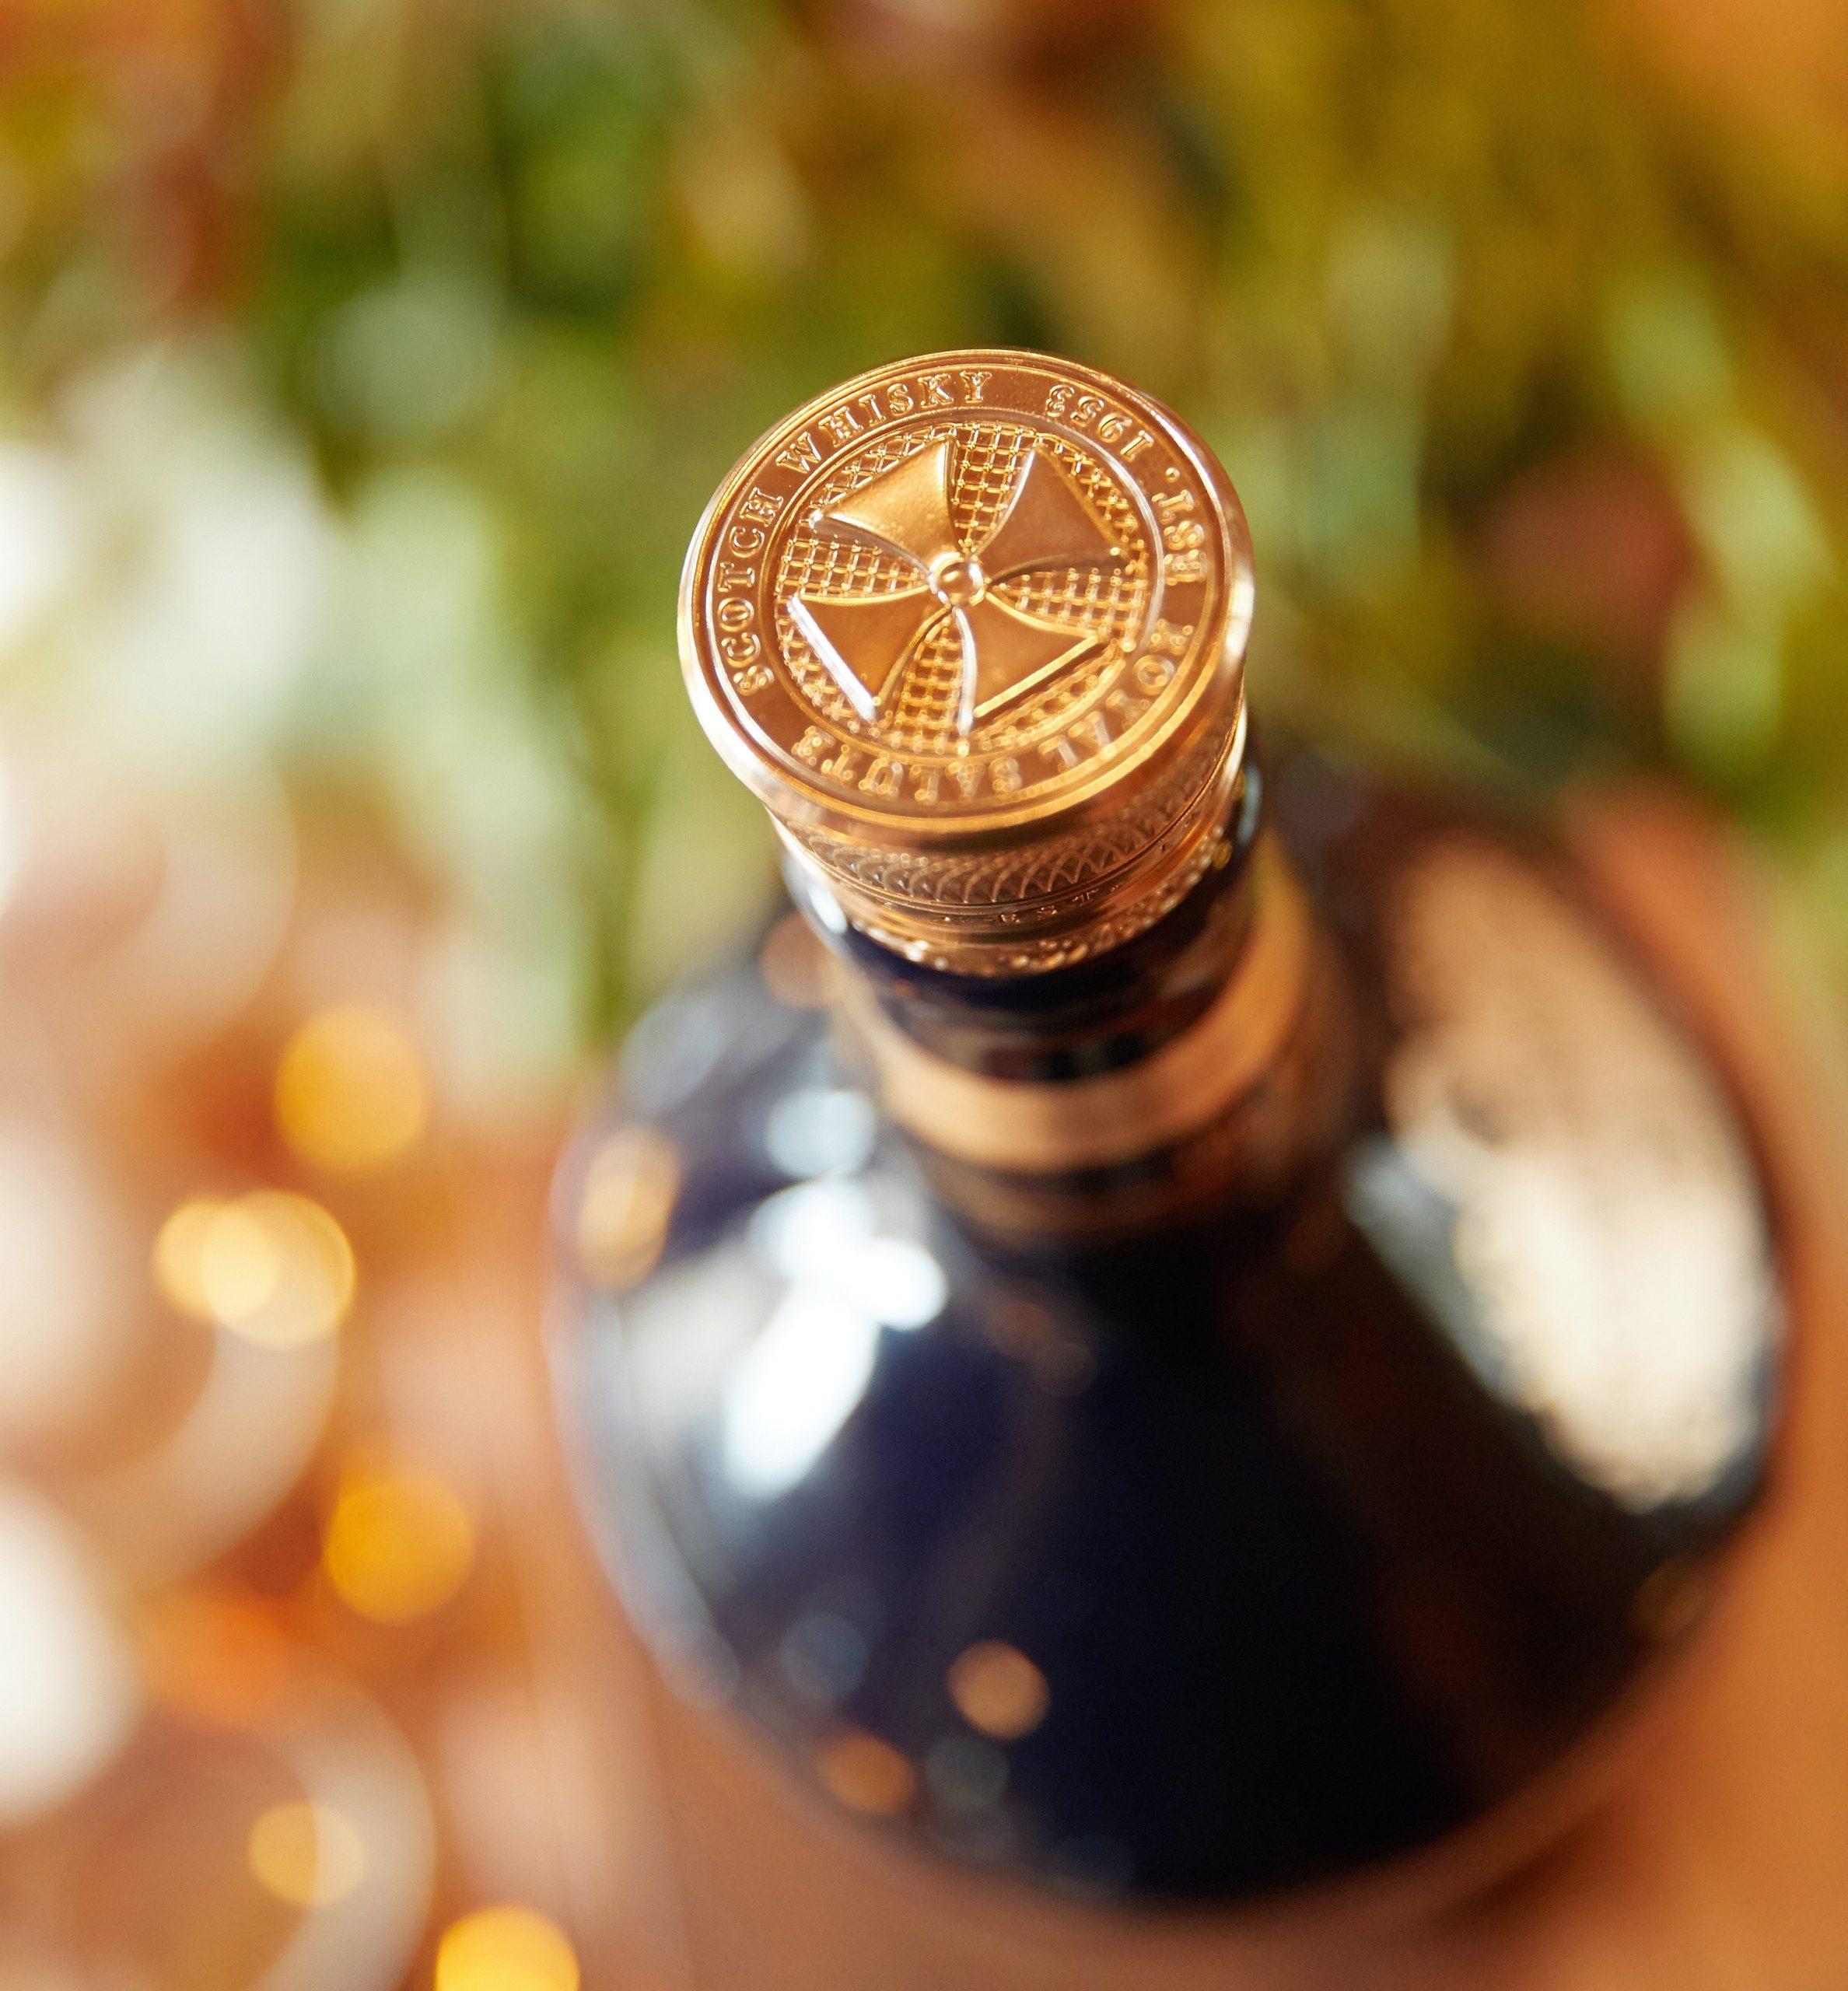 Royal Salute Blended Scotch Whisky Story